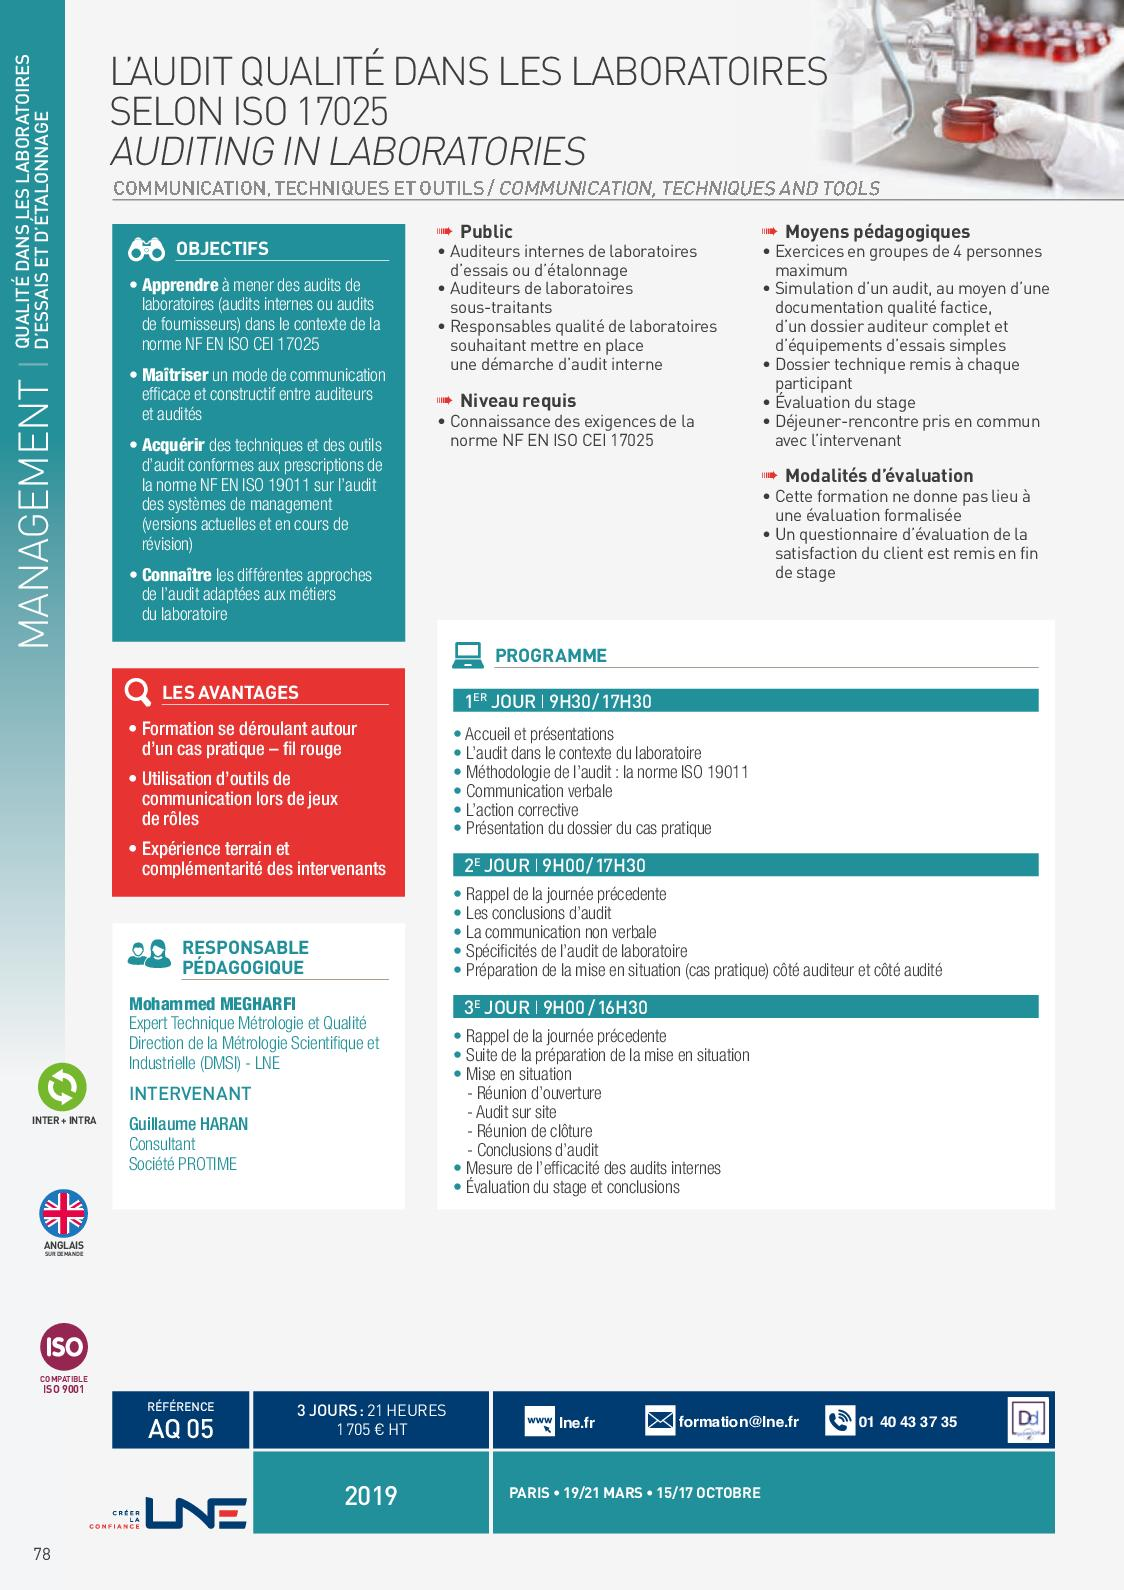 Lne Catalogue 2019 Calameo Downloader